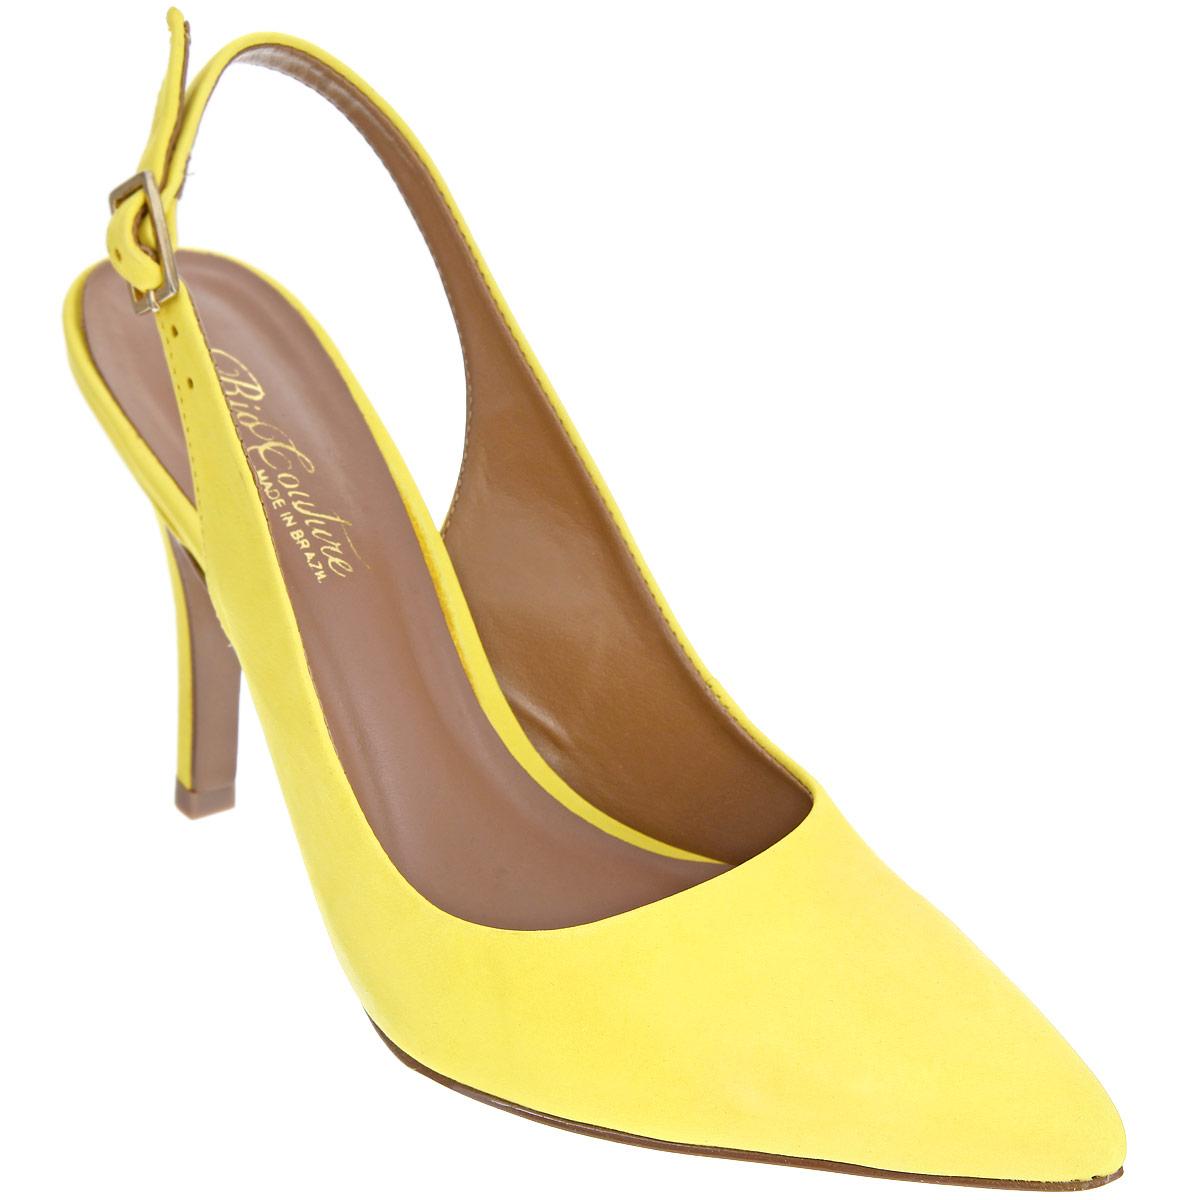 Туфли женские. 25000012500001Яркие туфли Rio Couture создадут вам игривое настроение! Модель выполнена из натурального нубука и исполнена в лаконичном стиле. Заостренный, чуть вытянутый носок смотрится невероятно женственно. Ремешок с металлической пряжкой прямоугольной формы отвечает за надежную фиксацию модели на щиколотке. Длина ремешка регулируется за счет болта. Стелька из натуральной кожи, дополненная названием бренда, комфортна при ходьбе. Высокий каблук компенсирован скрытой платформой. Подошва с рифлением обеспечивает отличное сцепление с любыми поверхностями. Эффектные туфли внесут изюминку в ваш модный образ.